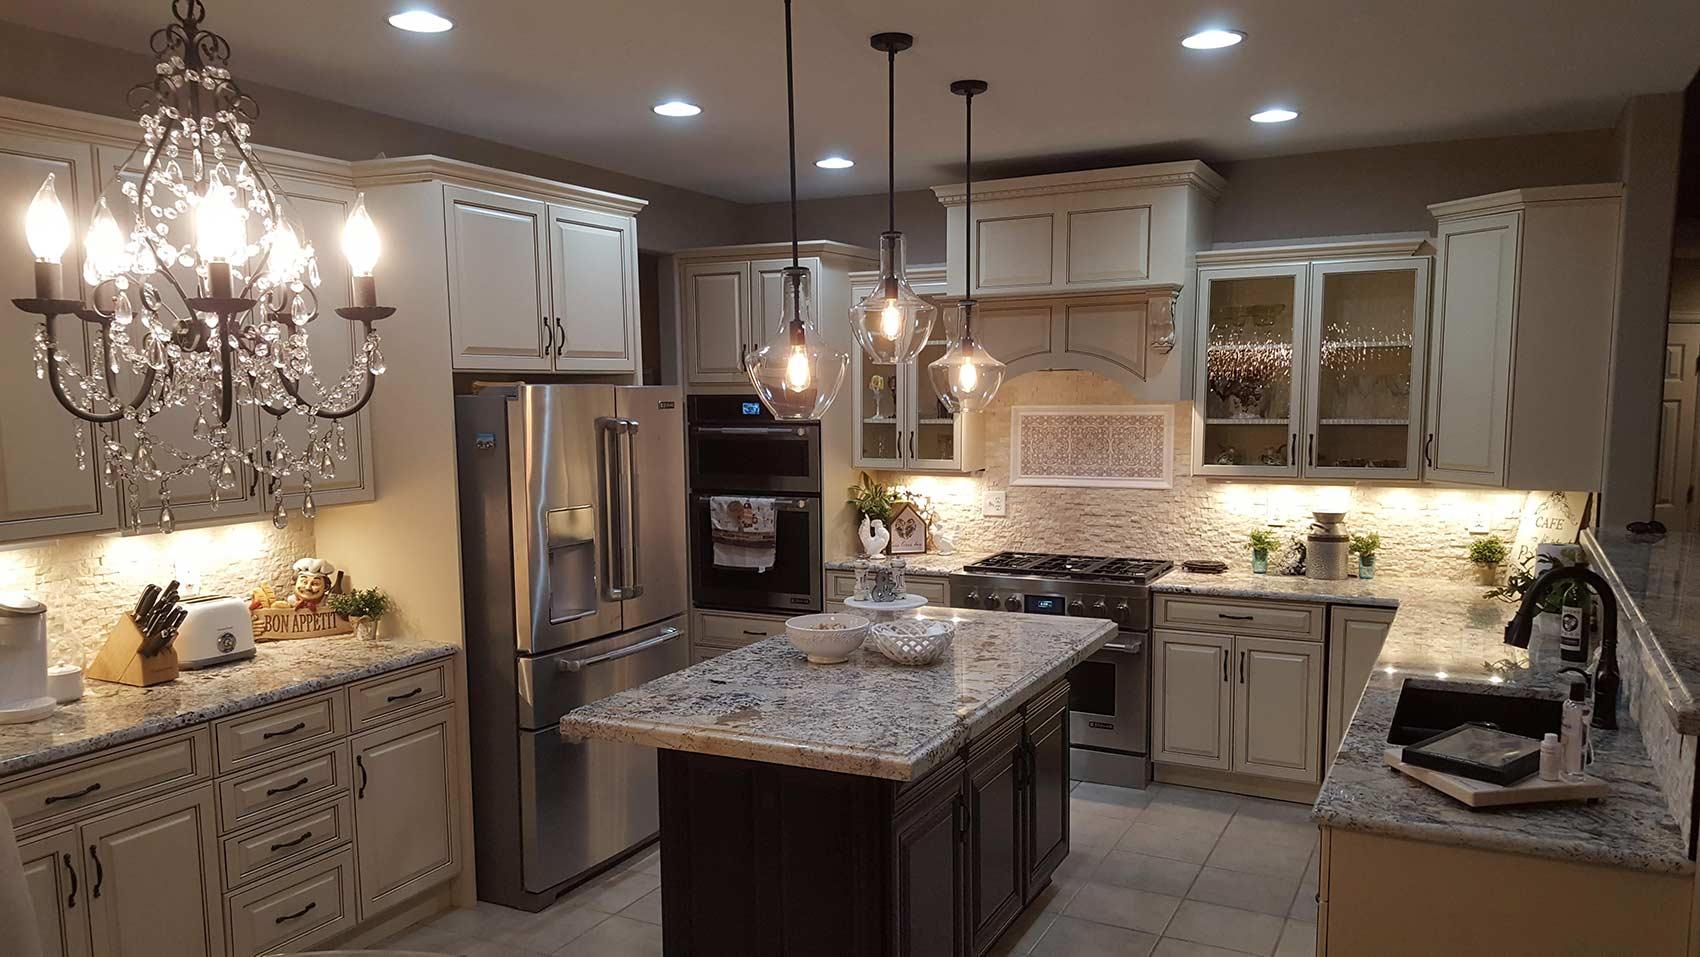 kitchen remodeler castle rock, co   kitchen remodeler near me